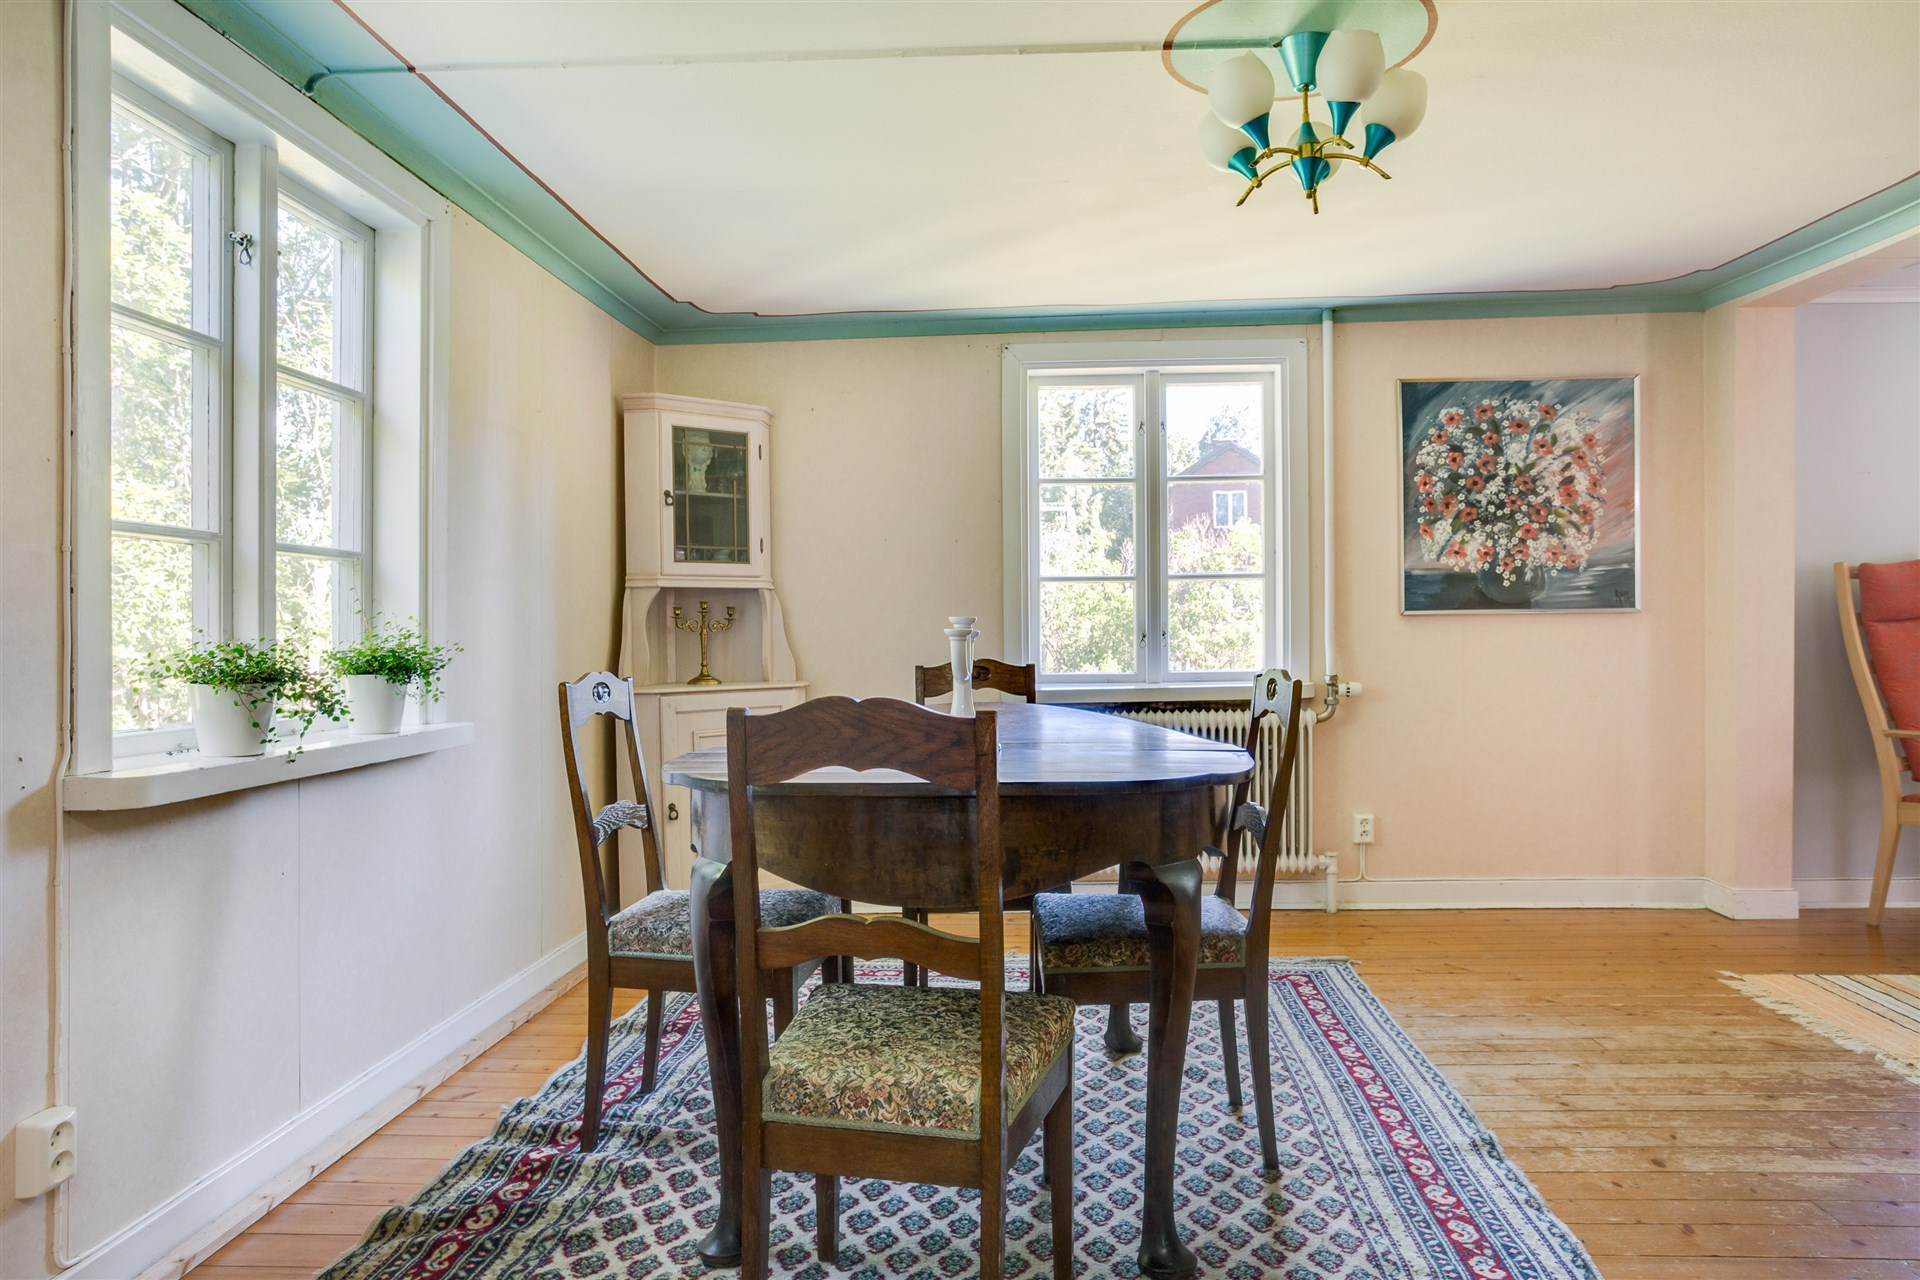 Matrummet har fönster åt två håll som ger fint ljus.